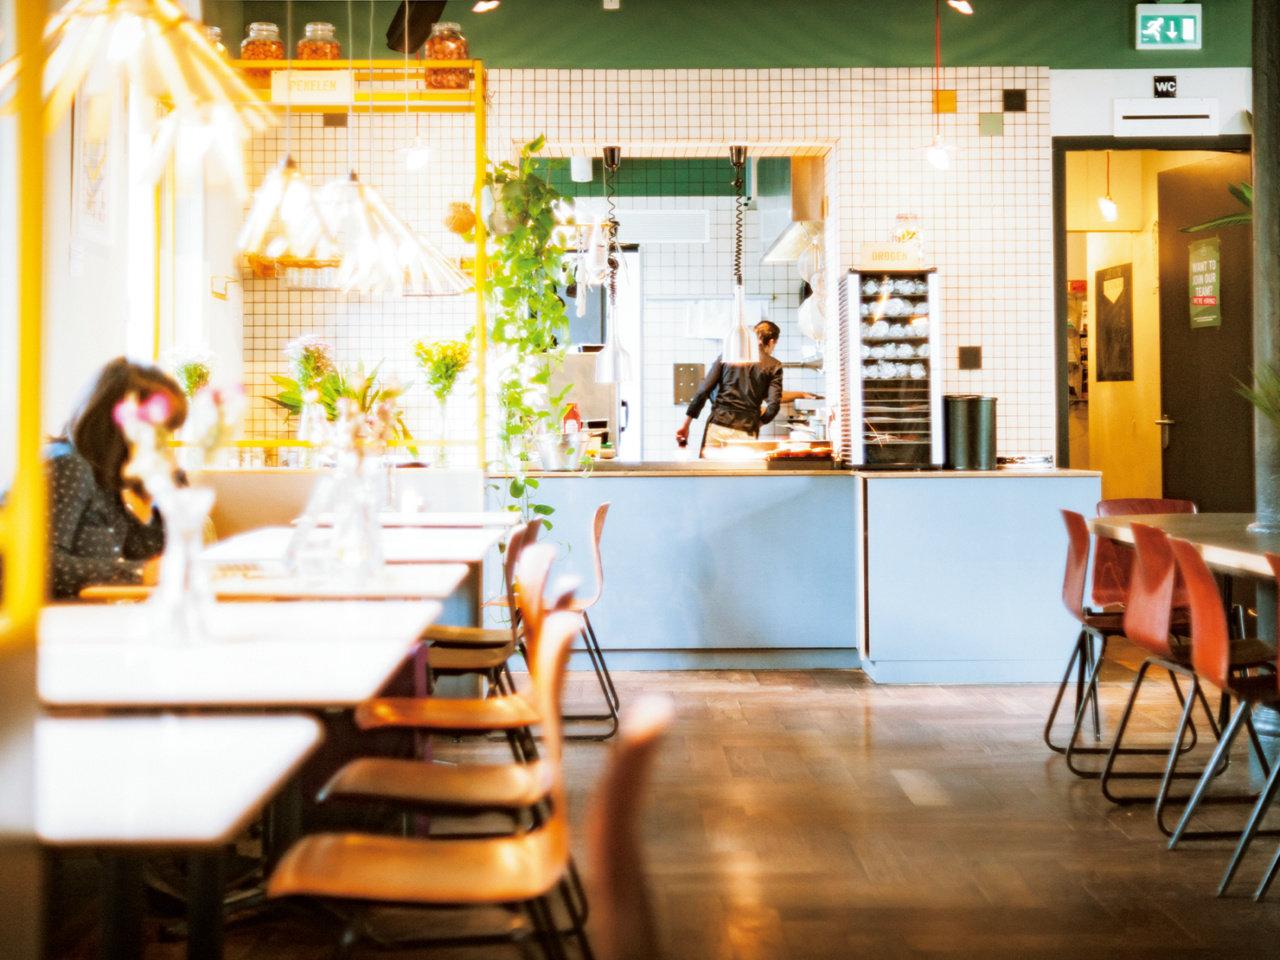 食材をレスキューし、新しいビジネスに。『Instock』のおいしい挑戦。